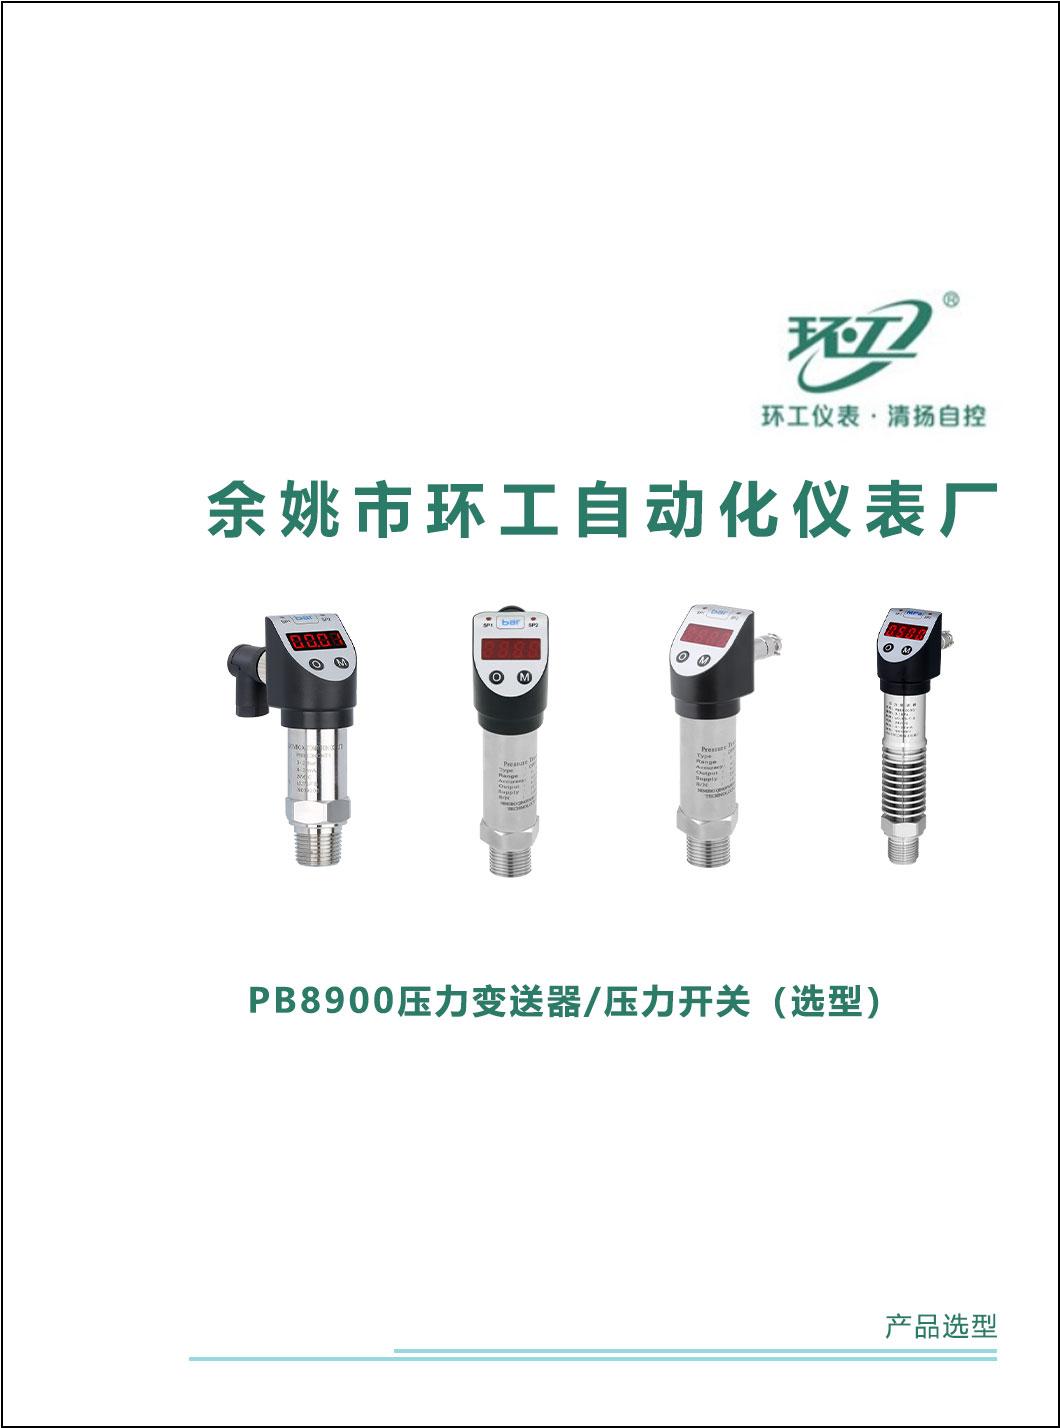 PB8900压力变送器/压力开关-环工仪表-清扬自控